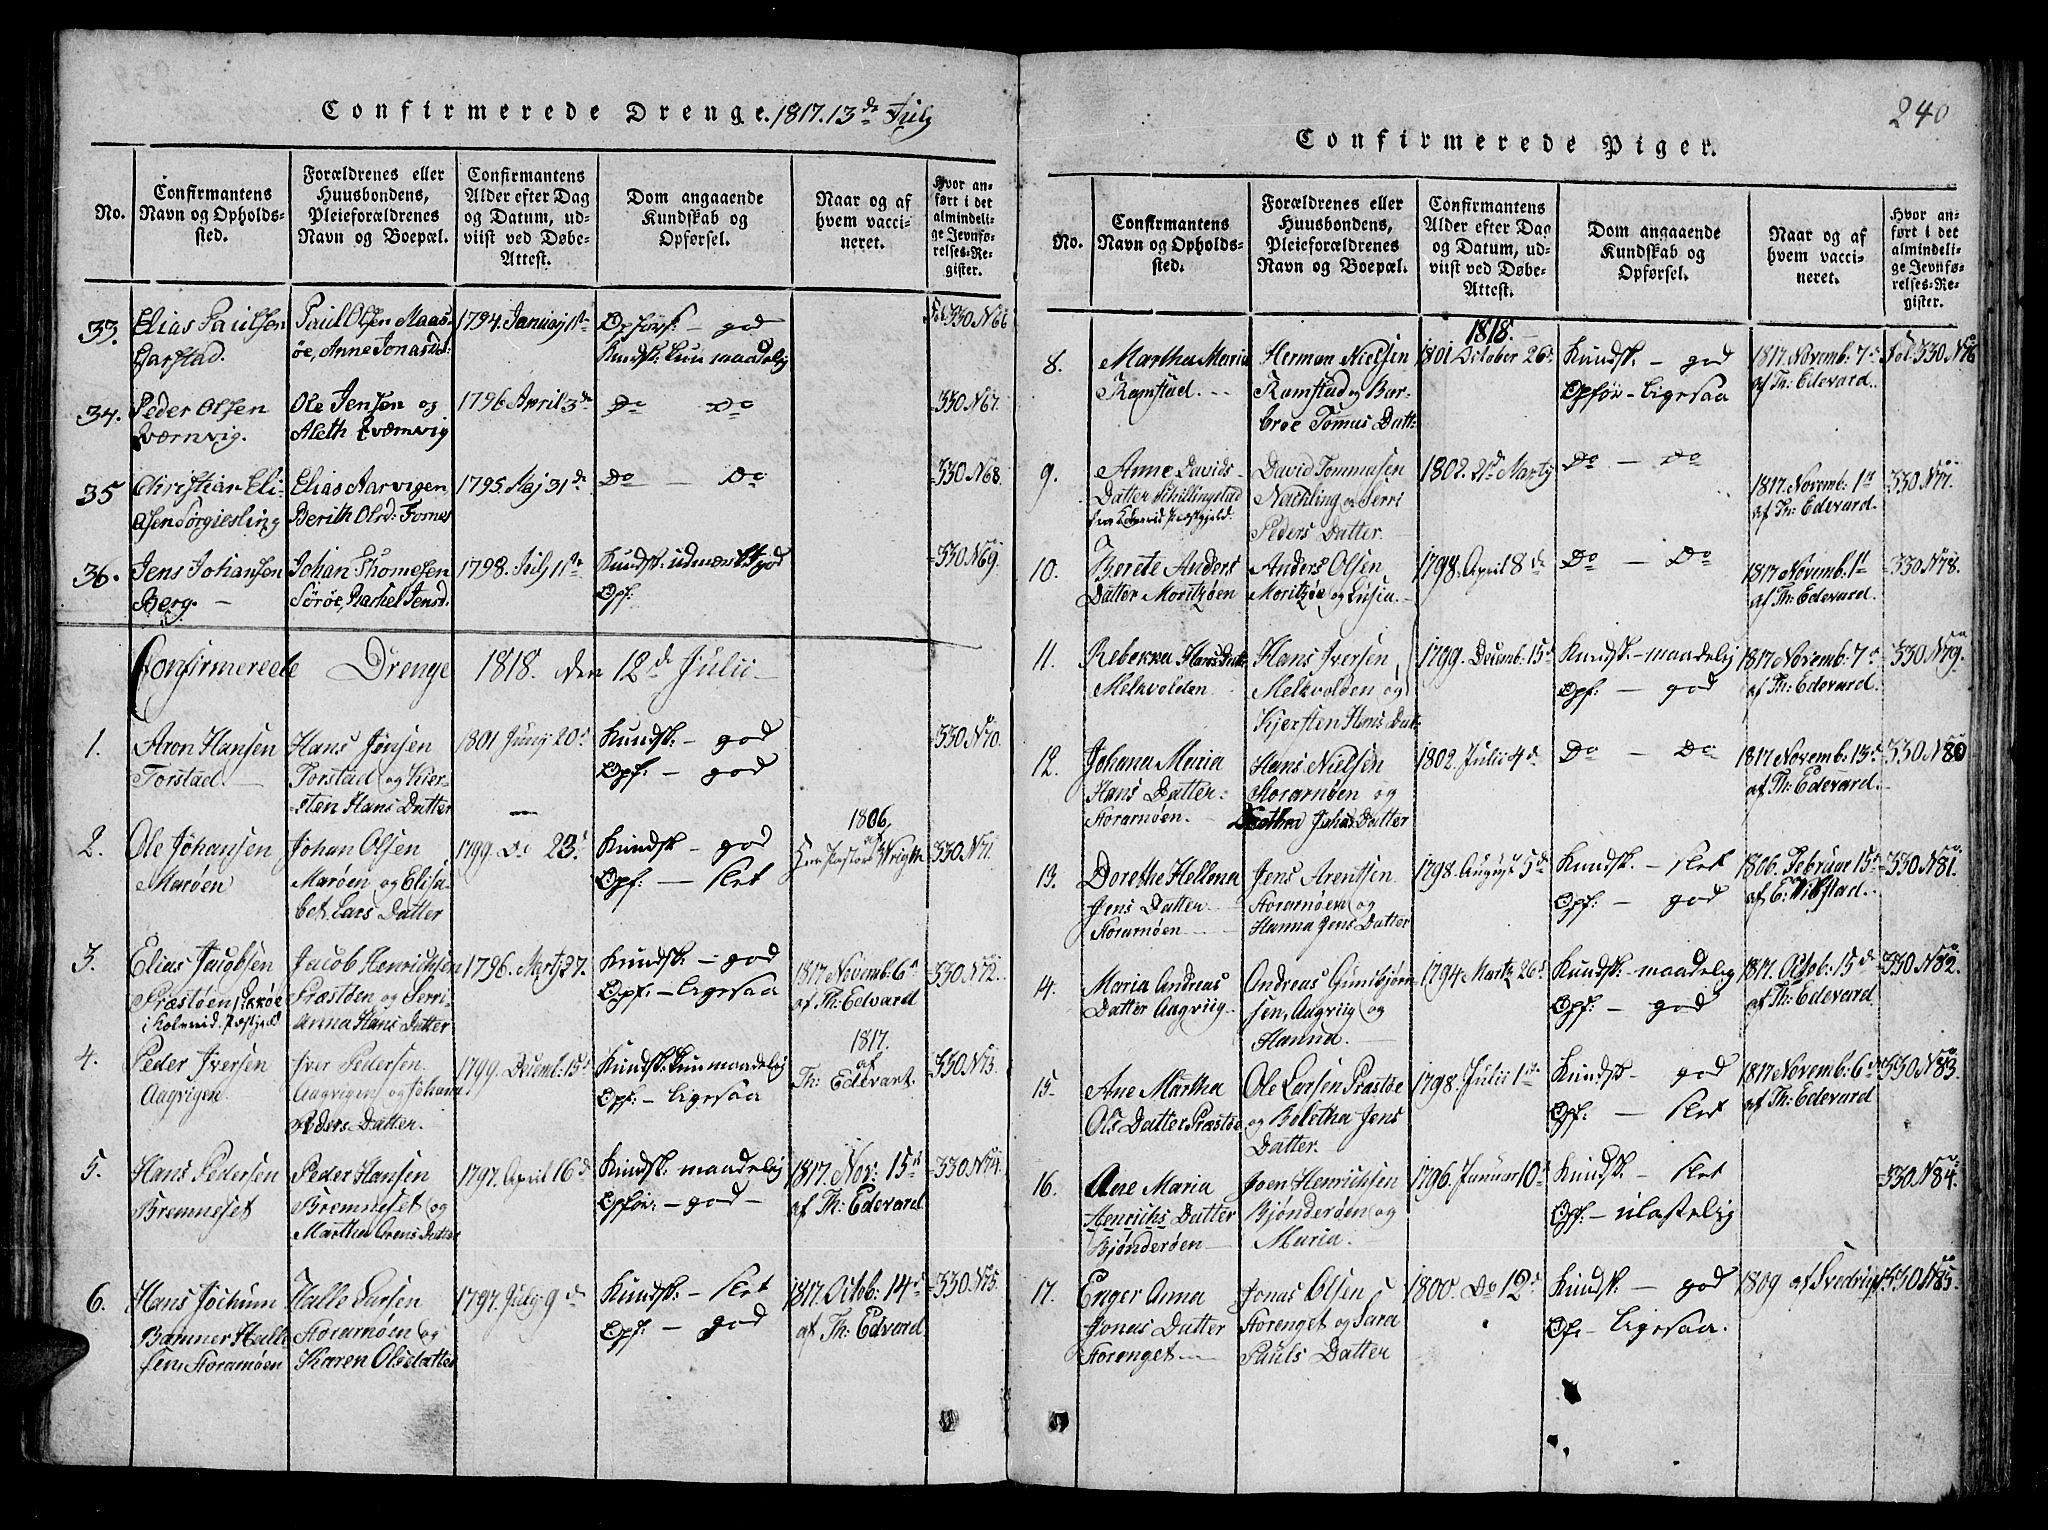 SAT, Ministerialprotokoller, klokkerbøker og fødselsregistre - Nord-Trøndelag, 784/L0667: Ministerialbok nr. 784A03 /1, 1816-1829, s. 240